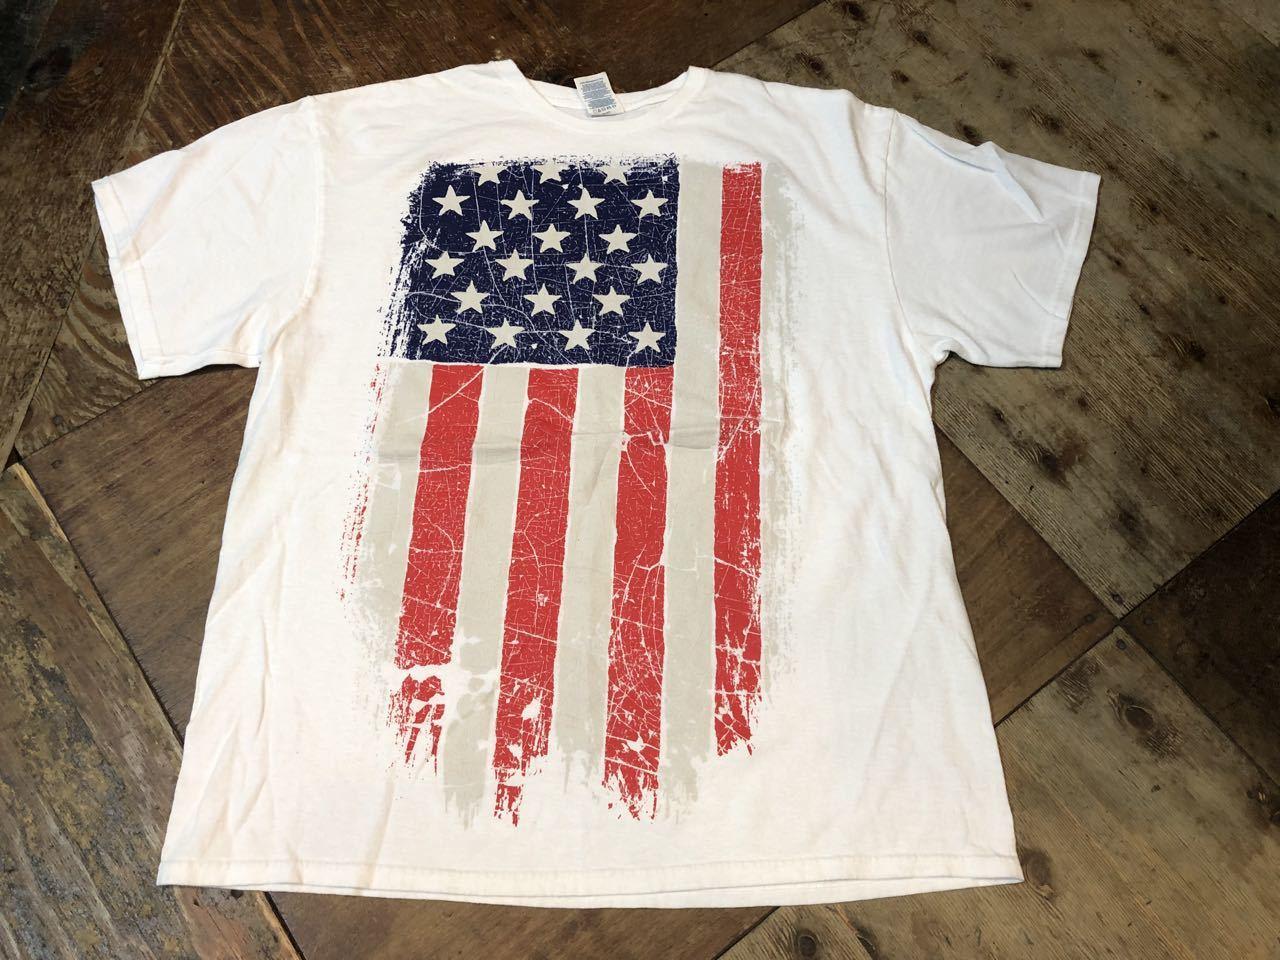 4月20日(土)入荷! アメリカンフラッグ柄 Tシャツ!_c0144020_14041019.jpg